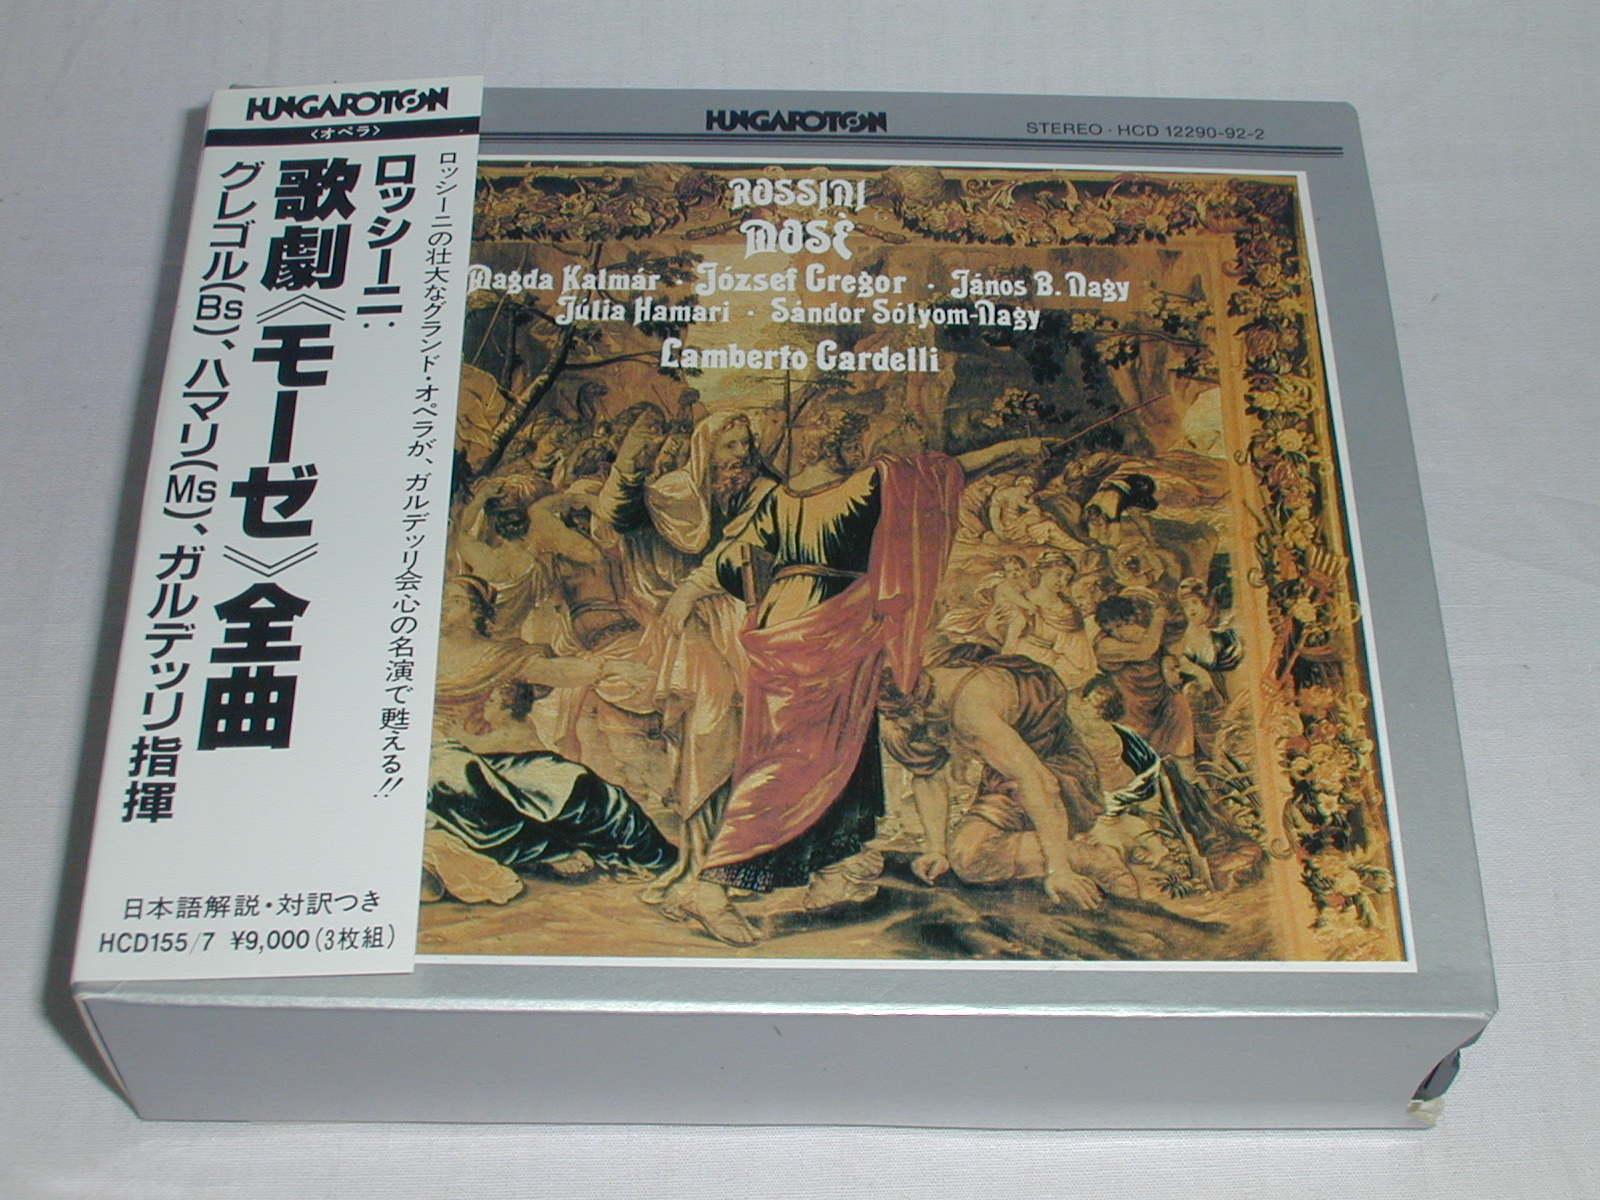 (CD) ロッシーニ:歌劇「モーゼ」 全4幕/ガルデッリ <3枚組>